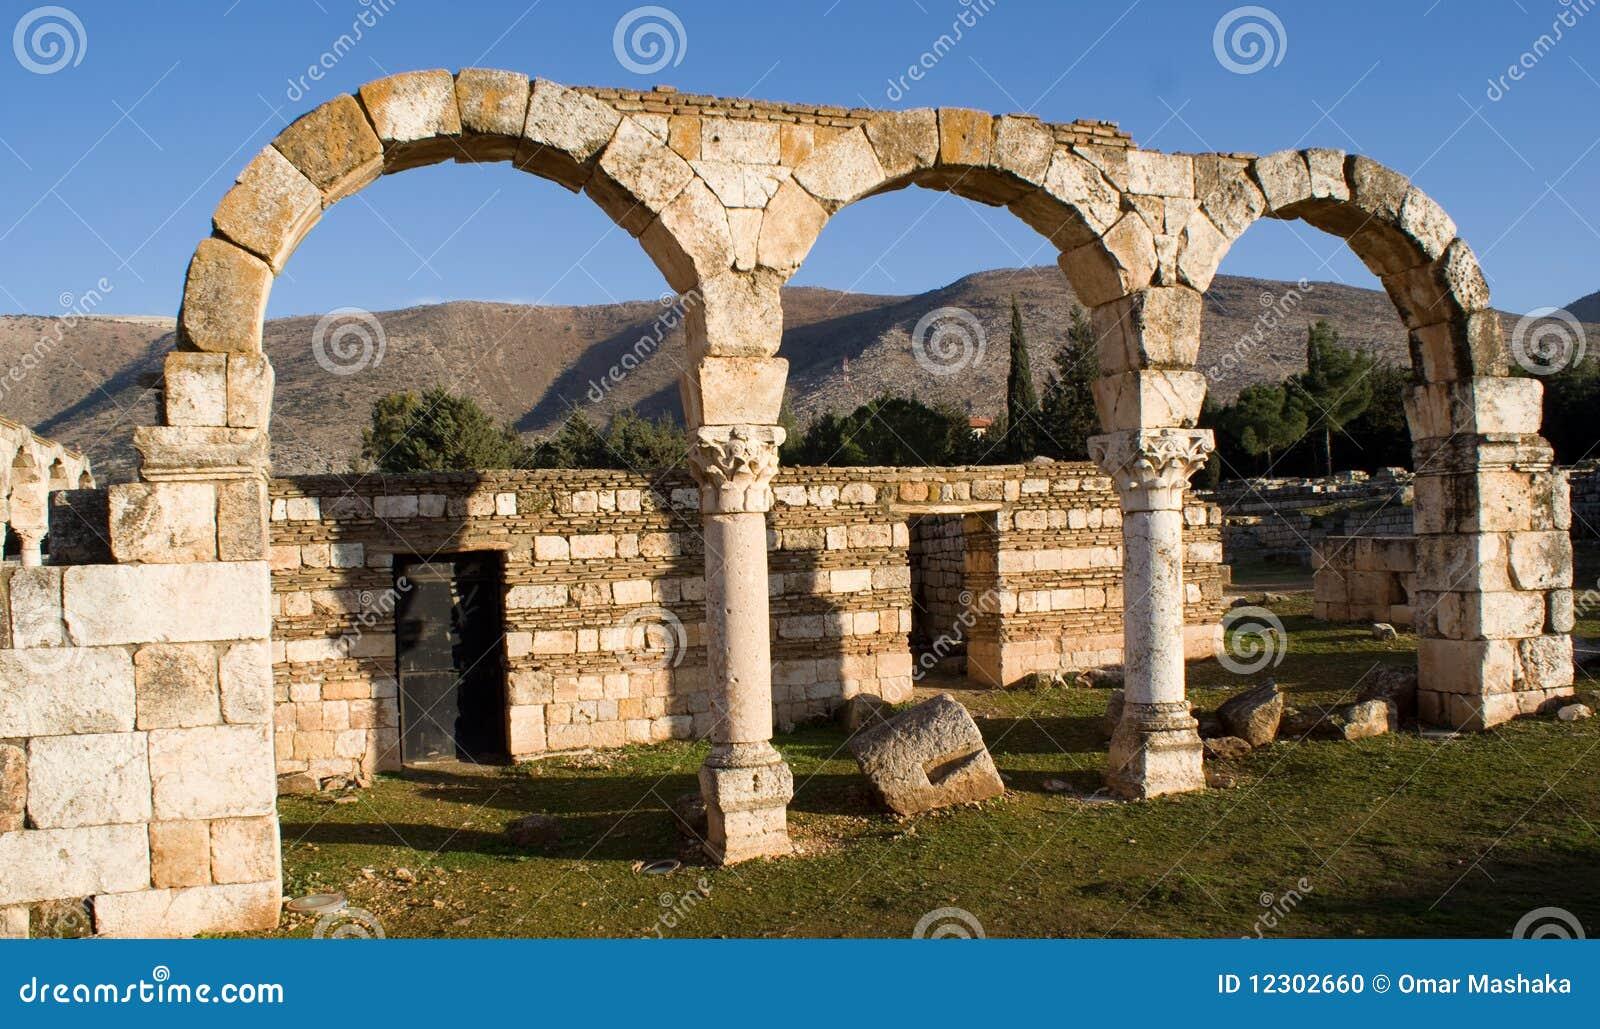 Islamische Ruinen in Anjar der Libanon